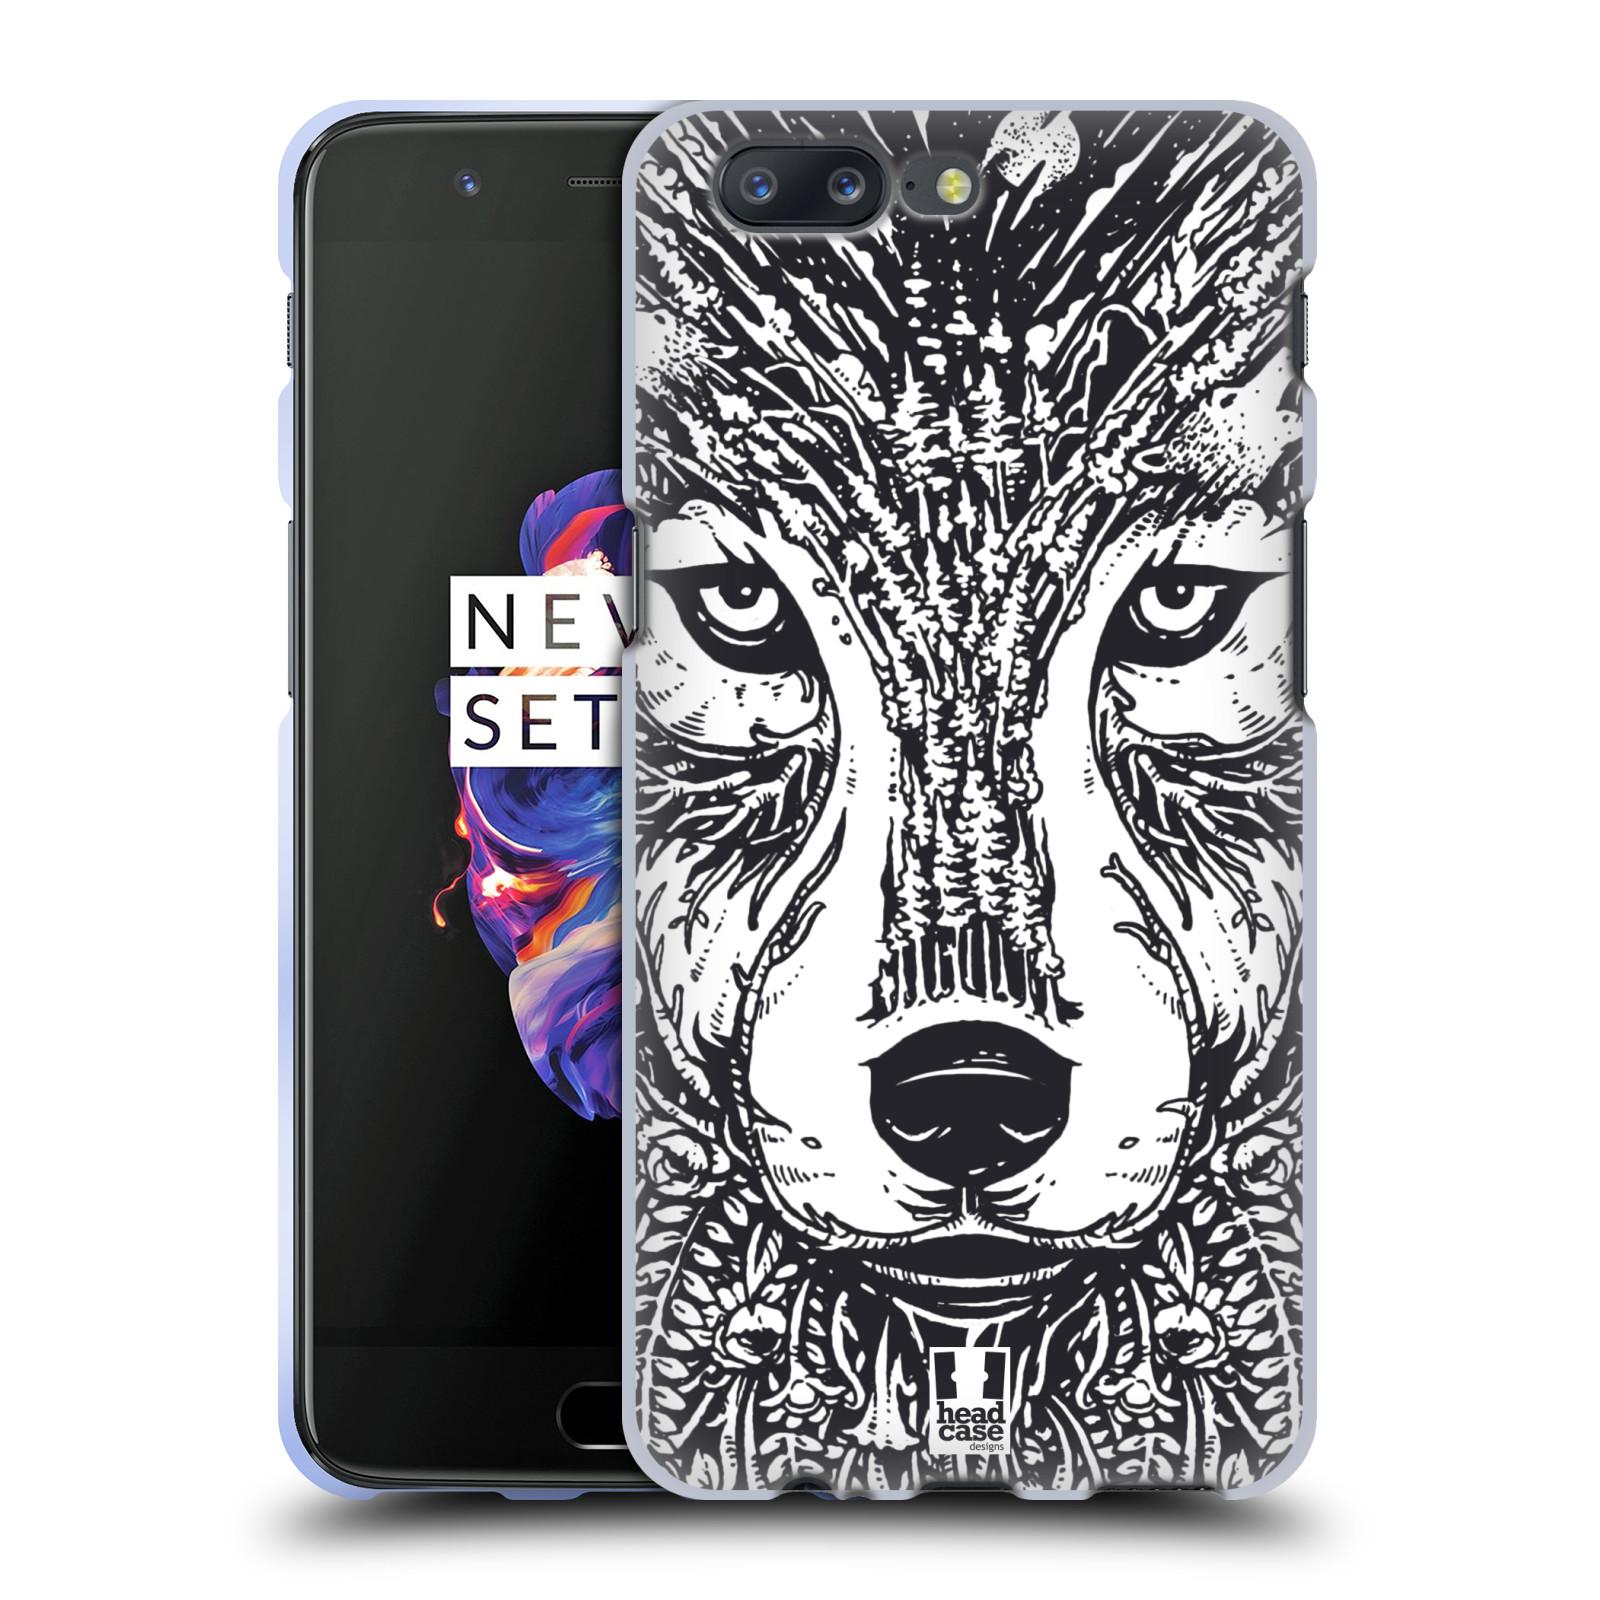 Silikonové pouzdro na mobil OnePlus 5 - Head Case - DOODLE TVÁŘ VLK (Silikonový kryt či obal na mobilní telefon OnePlus 5 s motivem DOODLE TVÁŘ VLK)